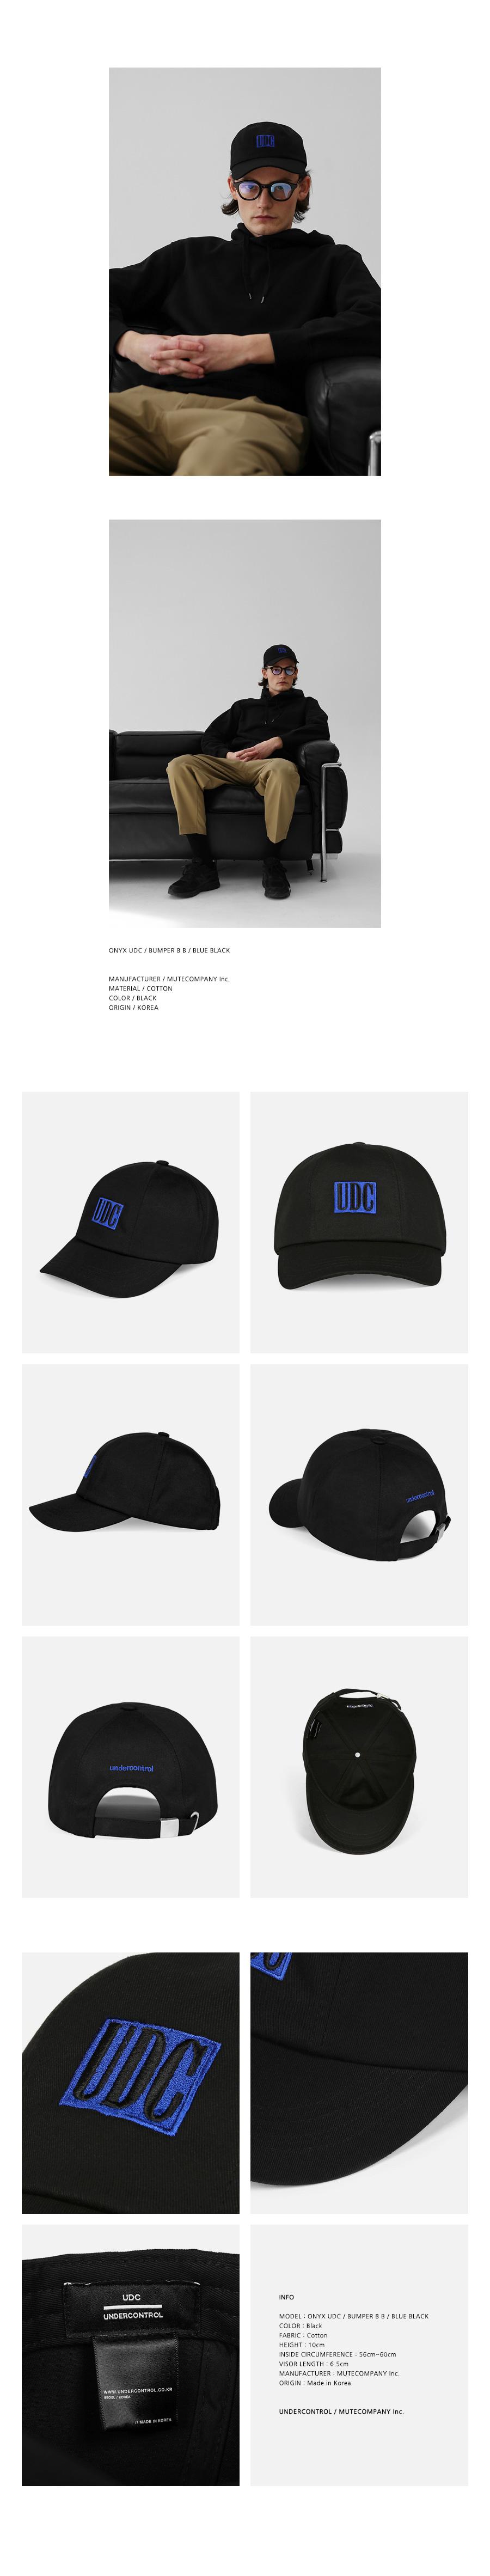 언더컨트롤(UNDERCONTROL) ONYX UDC / BUMPER B B / BLUE BLACK